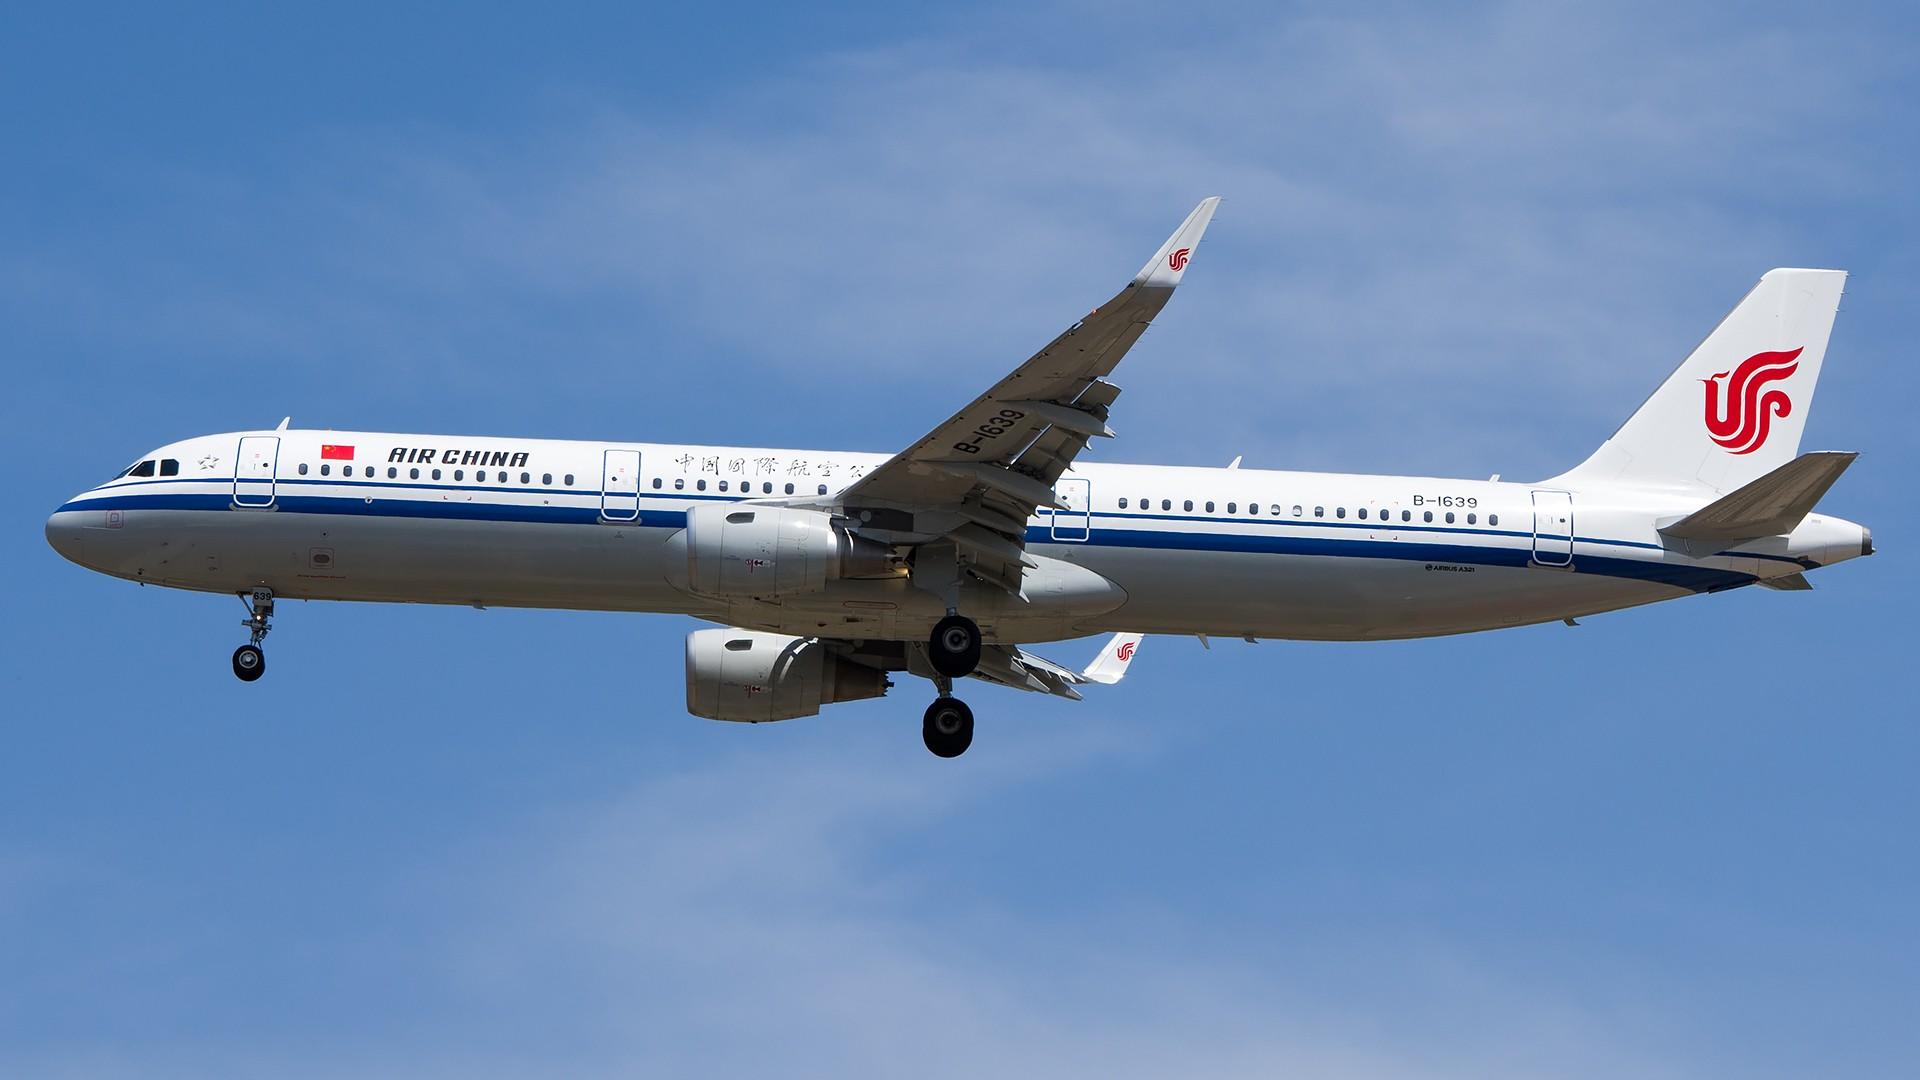 Re:[原创]PEK01午后两小时抓拍,其实是为AA的One World来的 AIRBUS A321-200 B-1639 中国北京首都国际机场